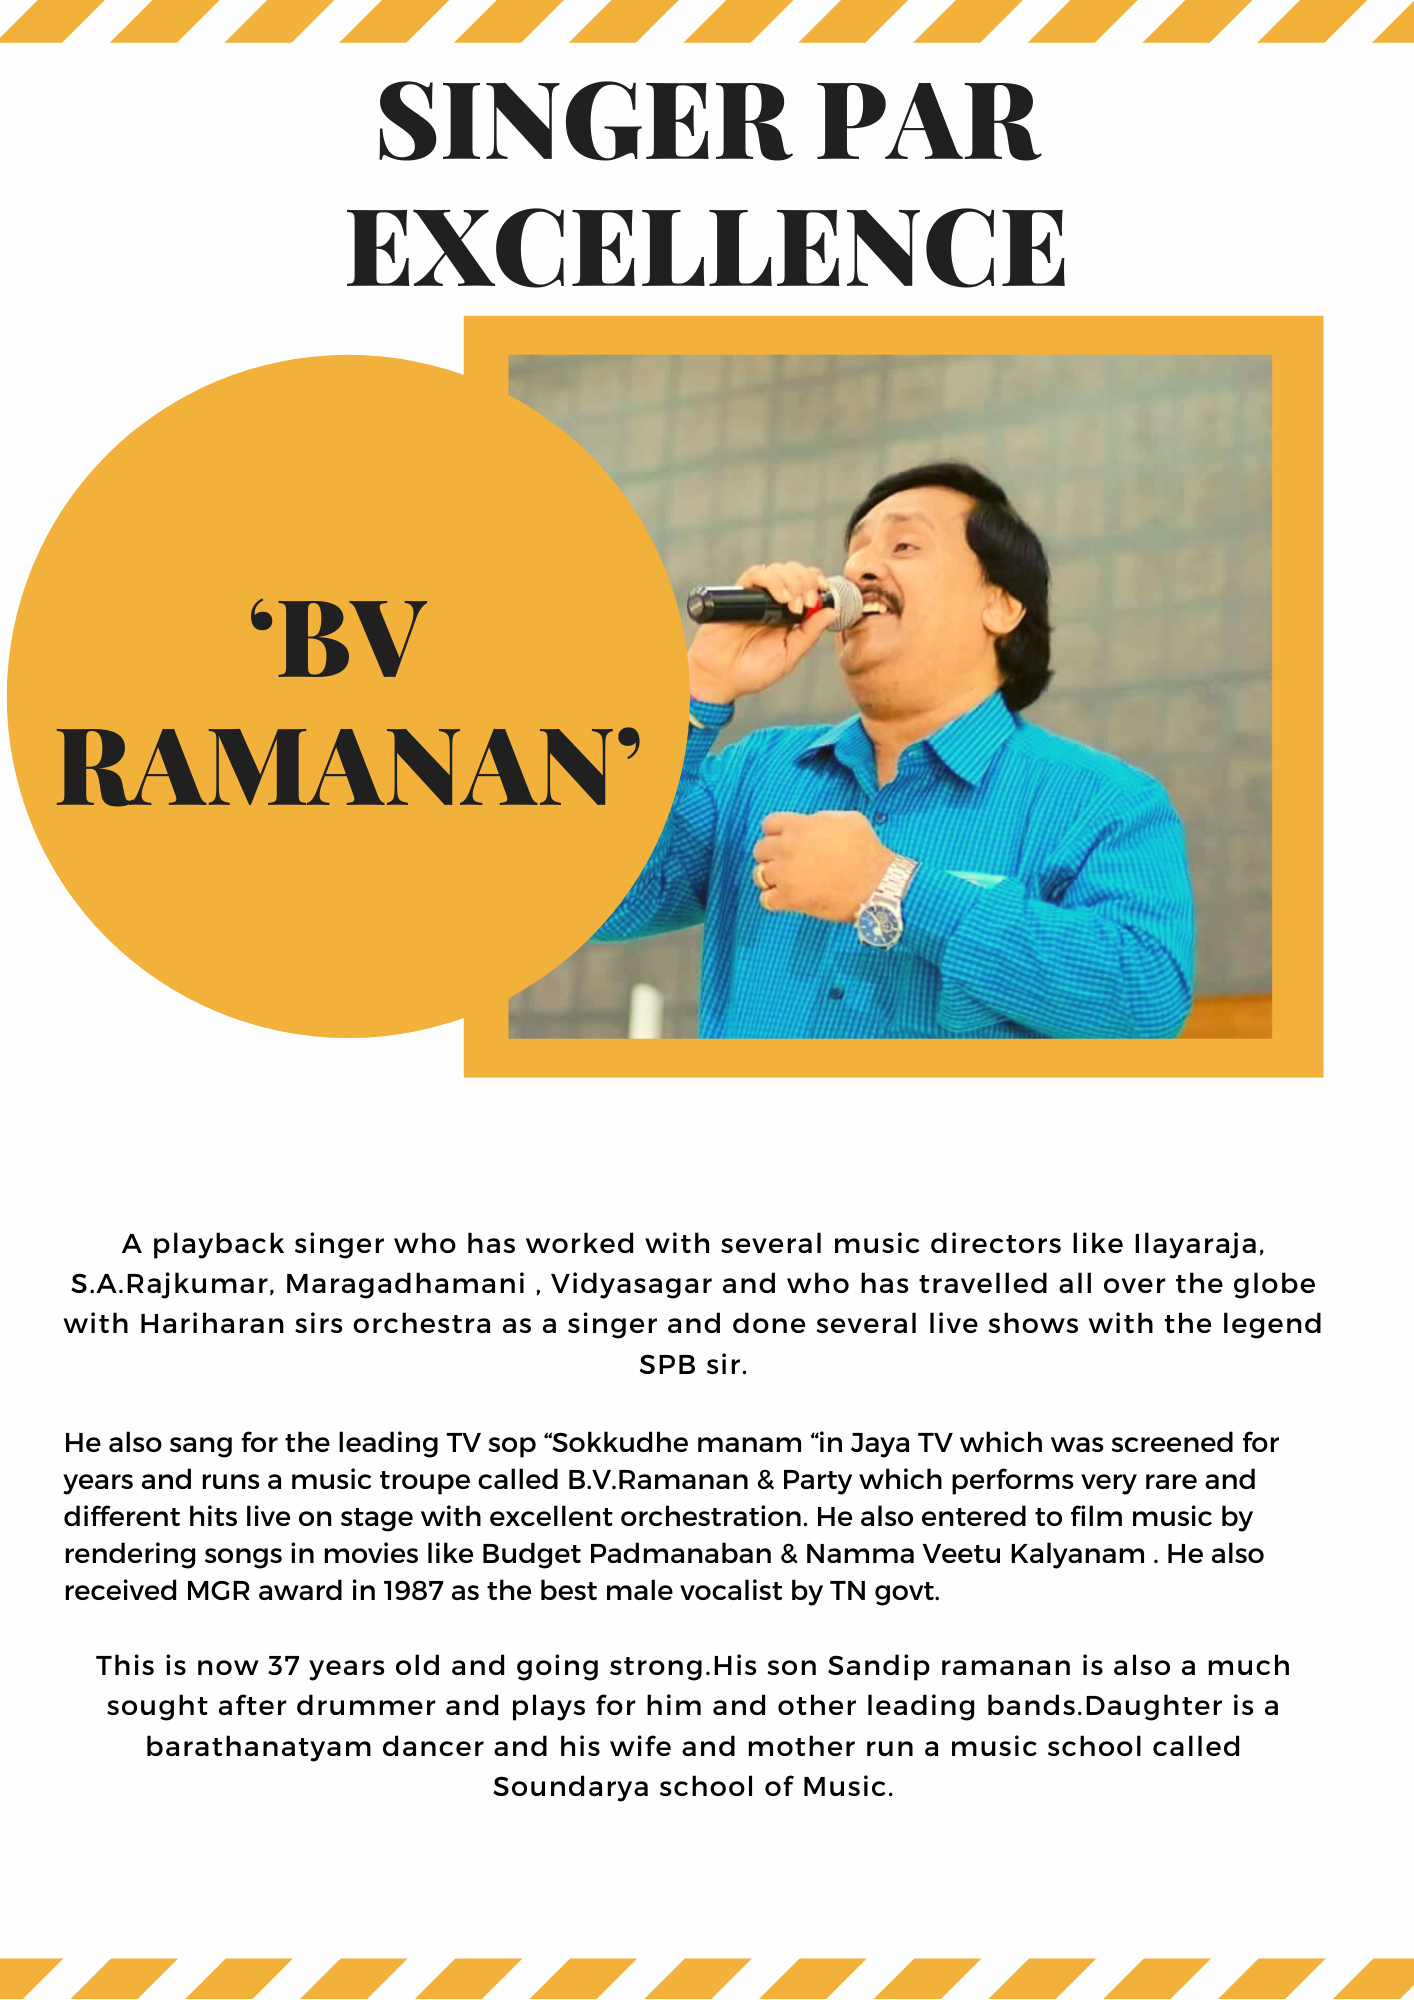 BV Ramanan